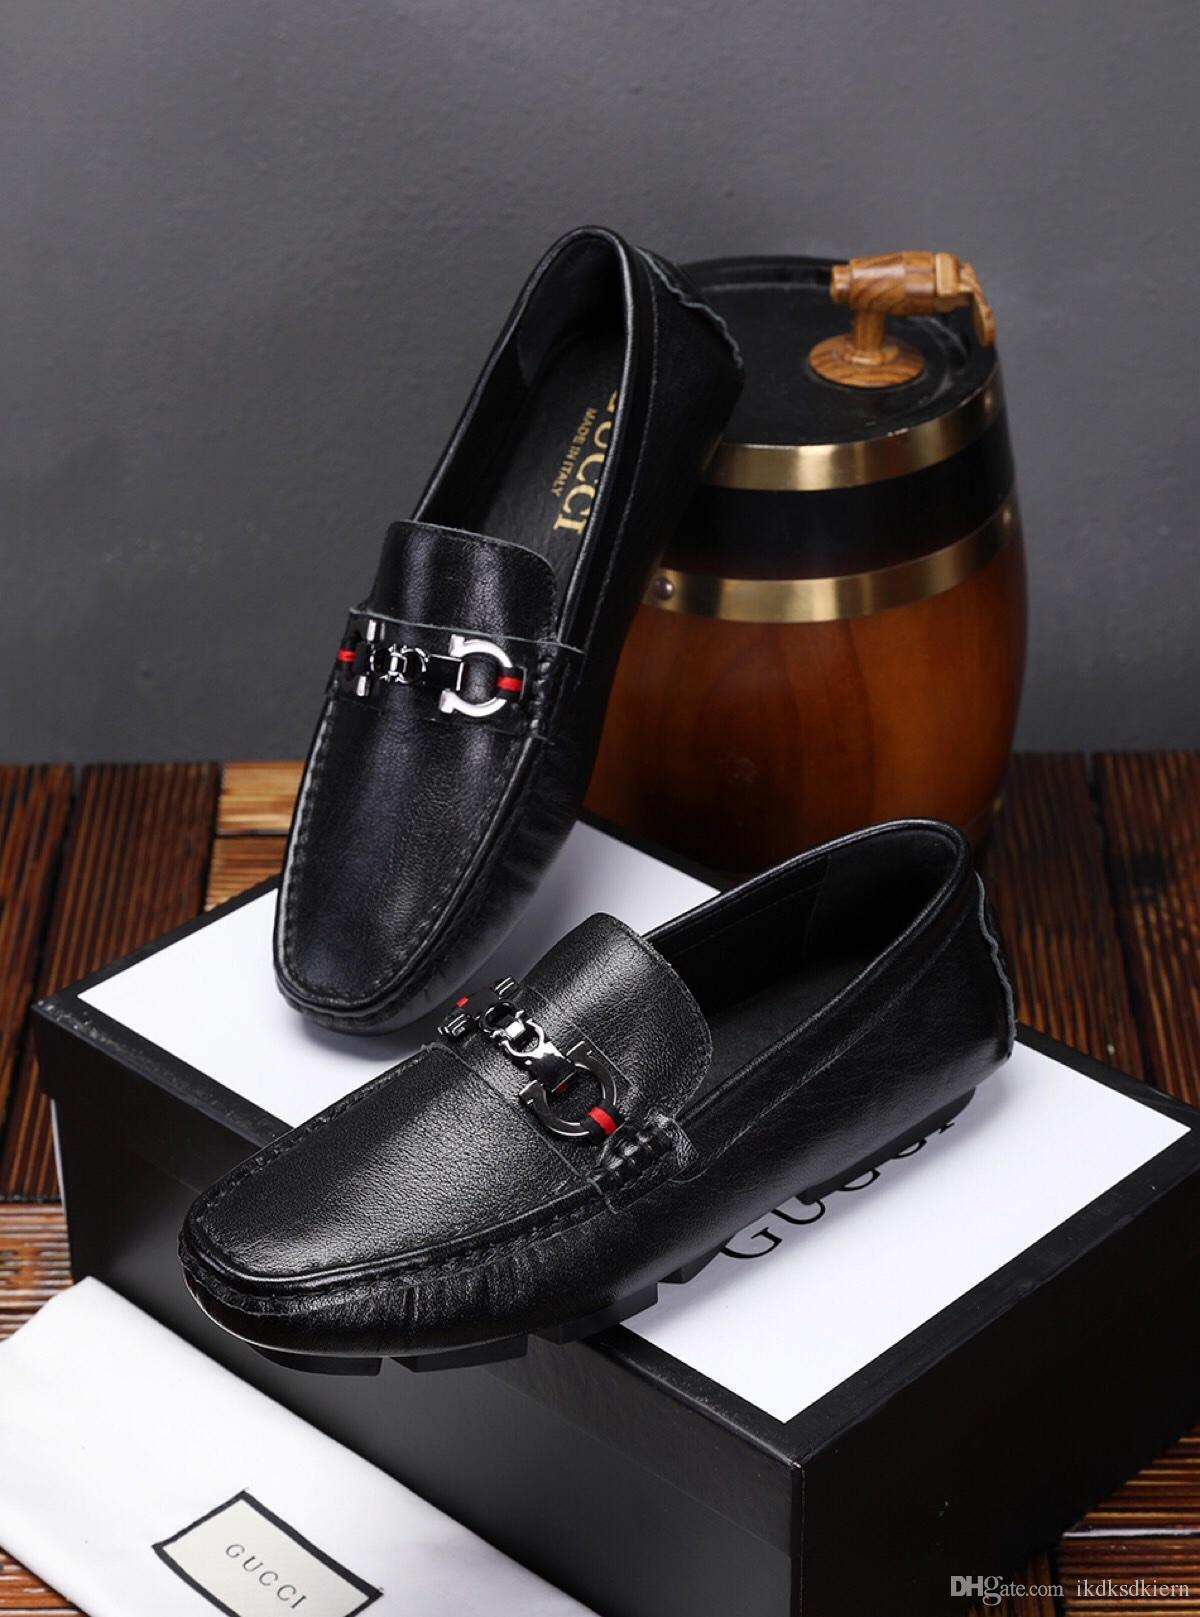 2019x primavera novos homens ervilhas sapatos, couro preguiçoso sapatos casuais, sapatos de negócios selvagens, caixa original embalagem: 38-44